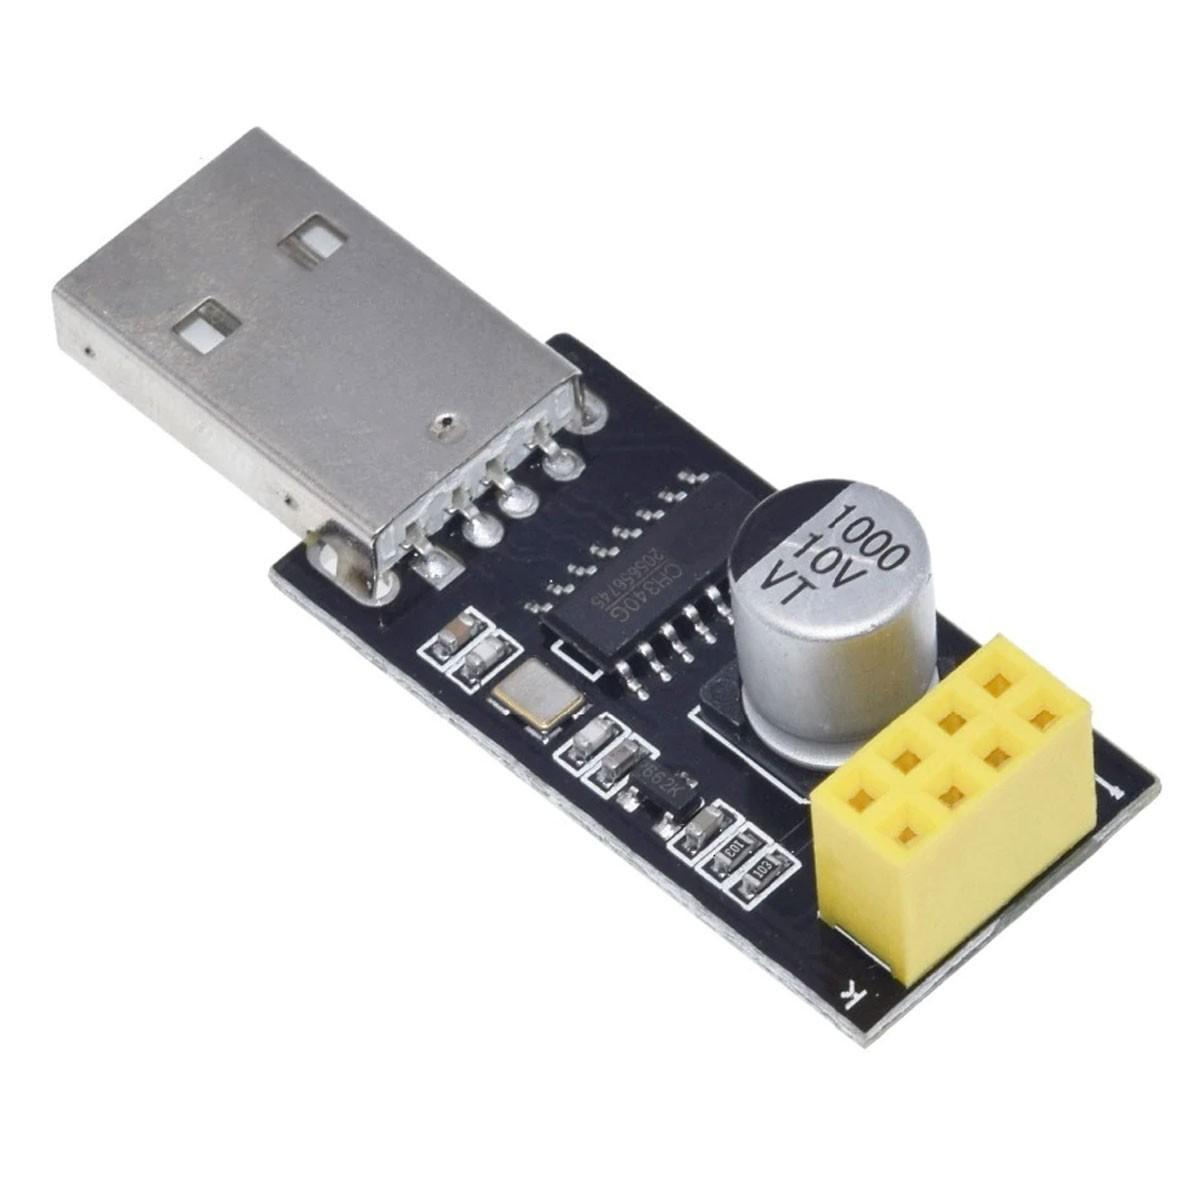 Adaptador / Gravador USB Serial para Programar ESP-01 - CH340G